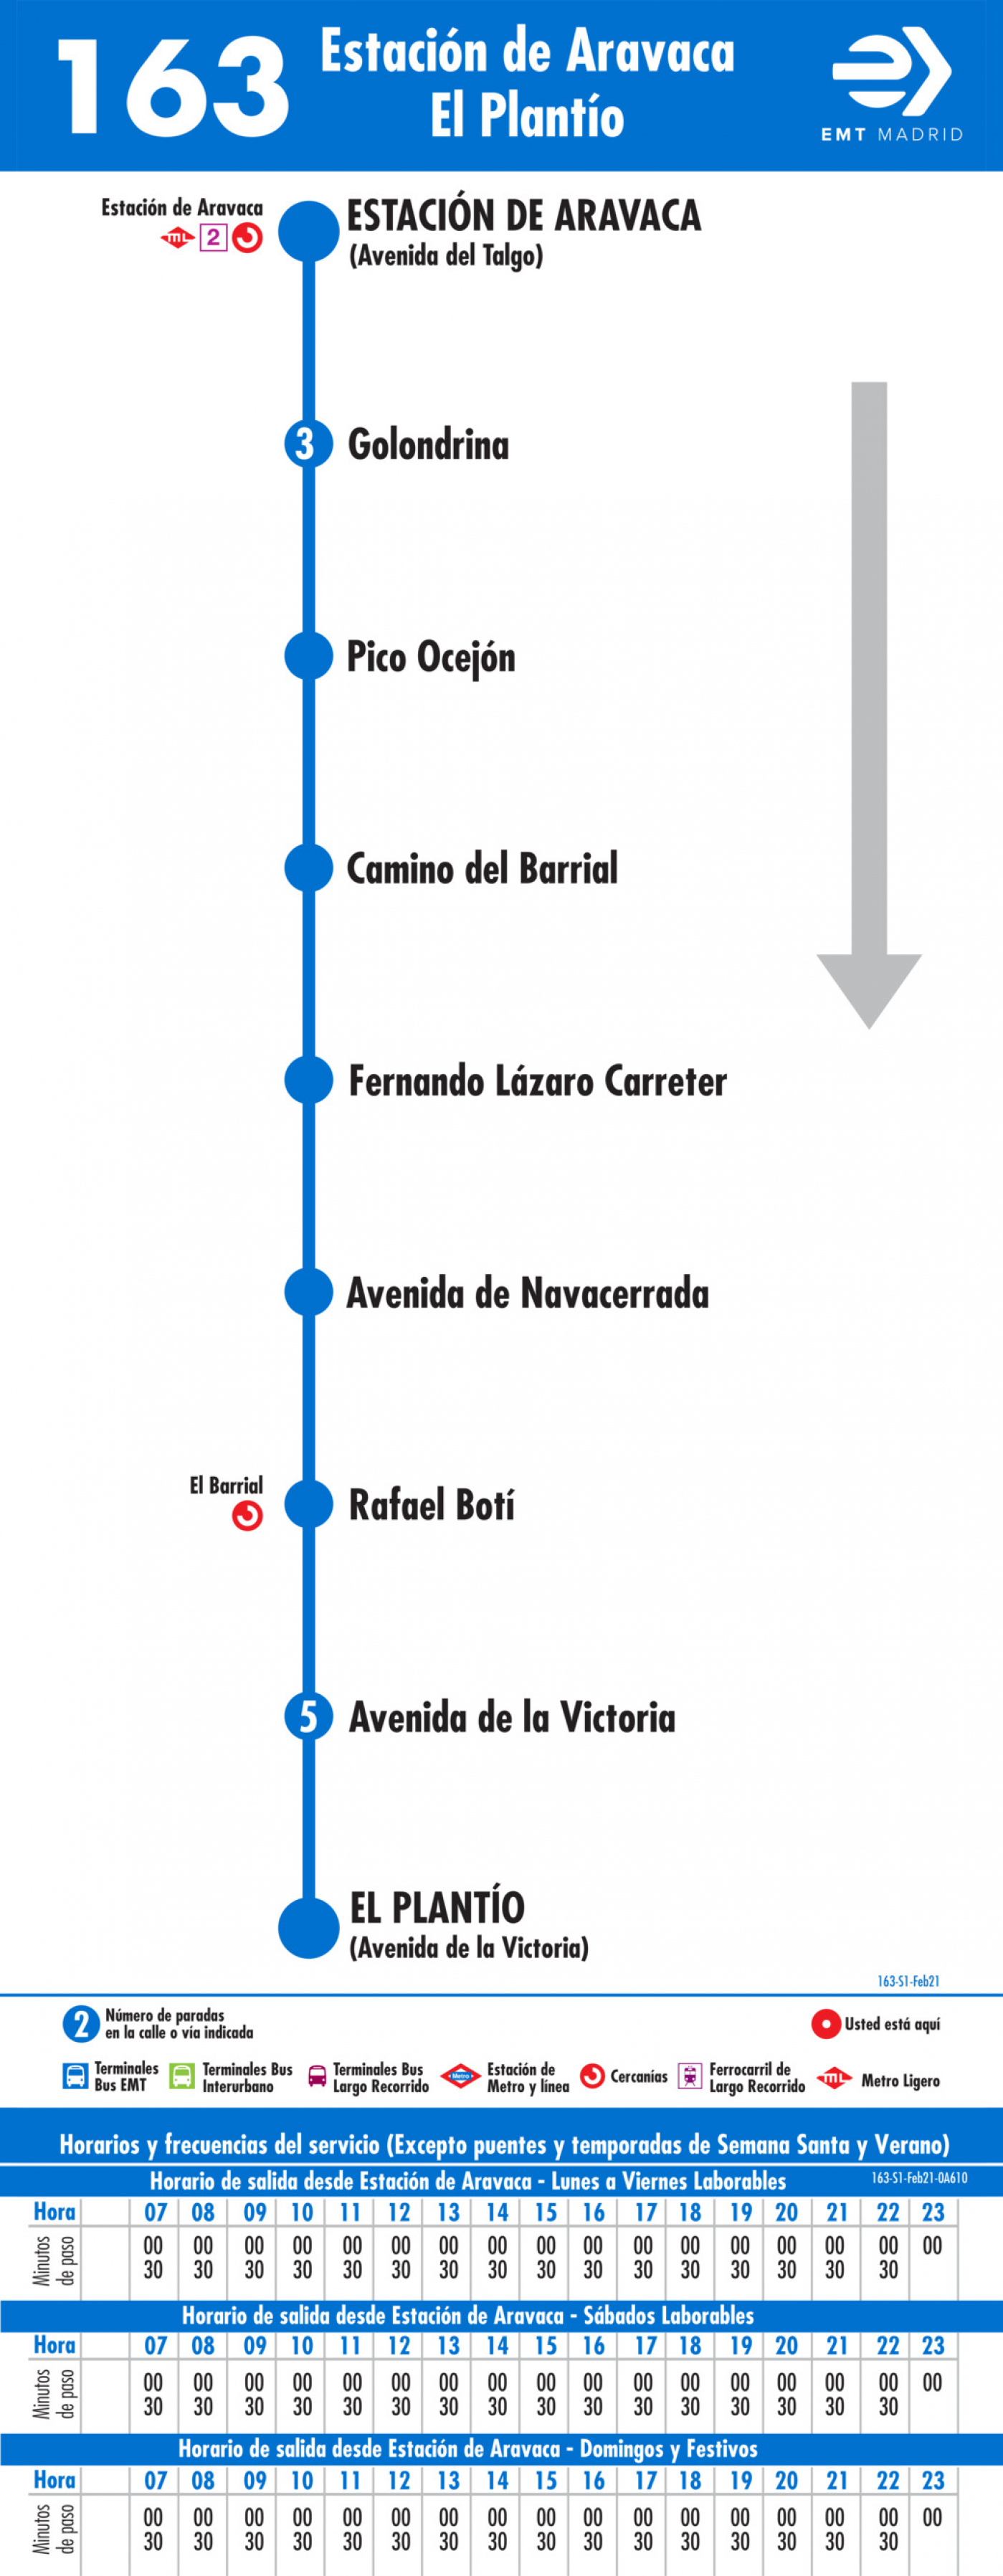 Tabla de horarios y frecuencias de paso en sentido ida Línea 163: Estación de Aravaca - El Plantío